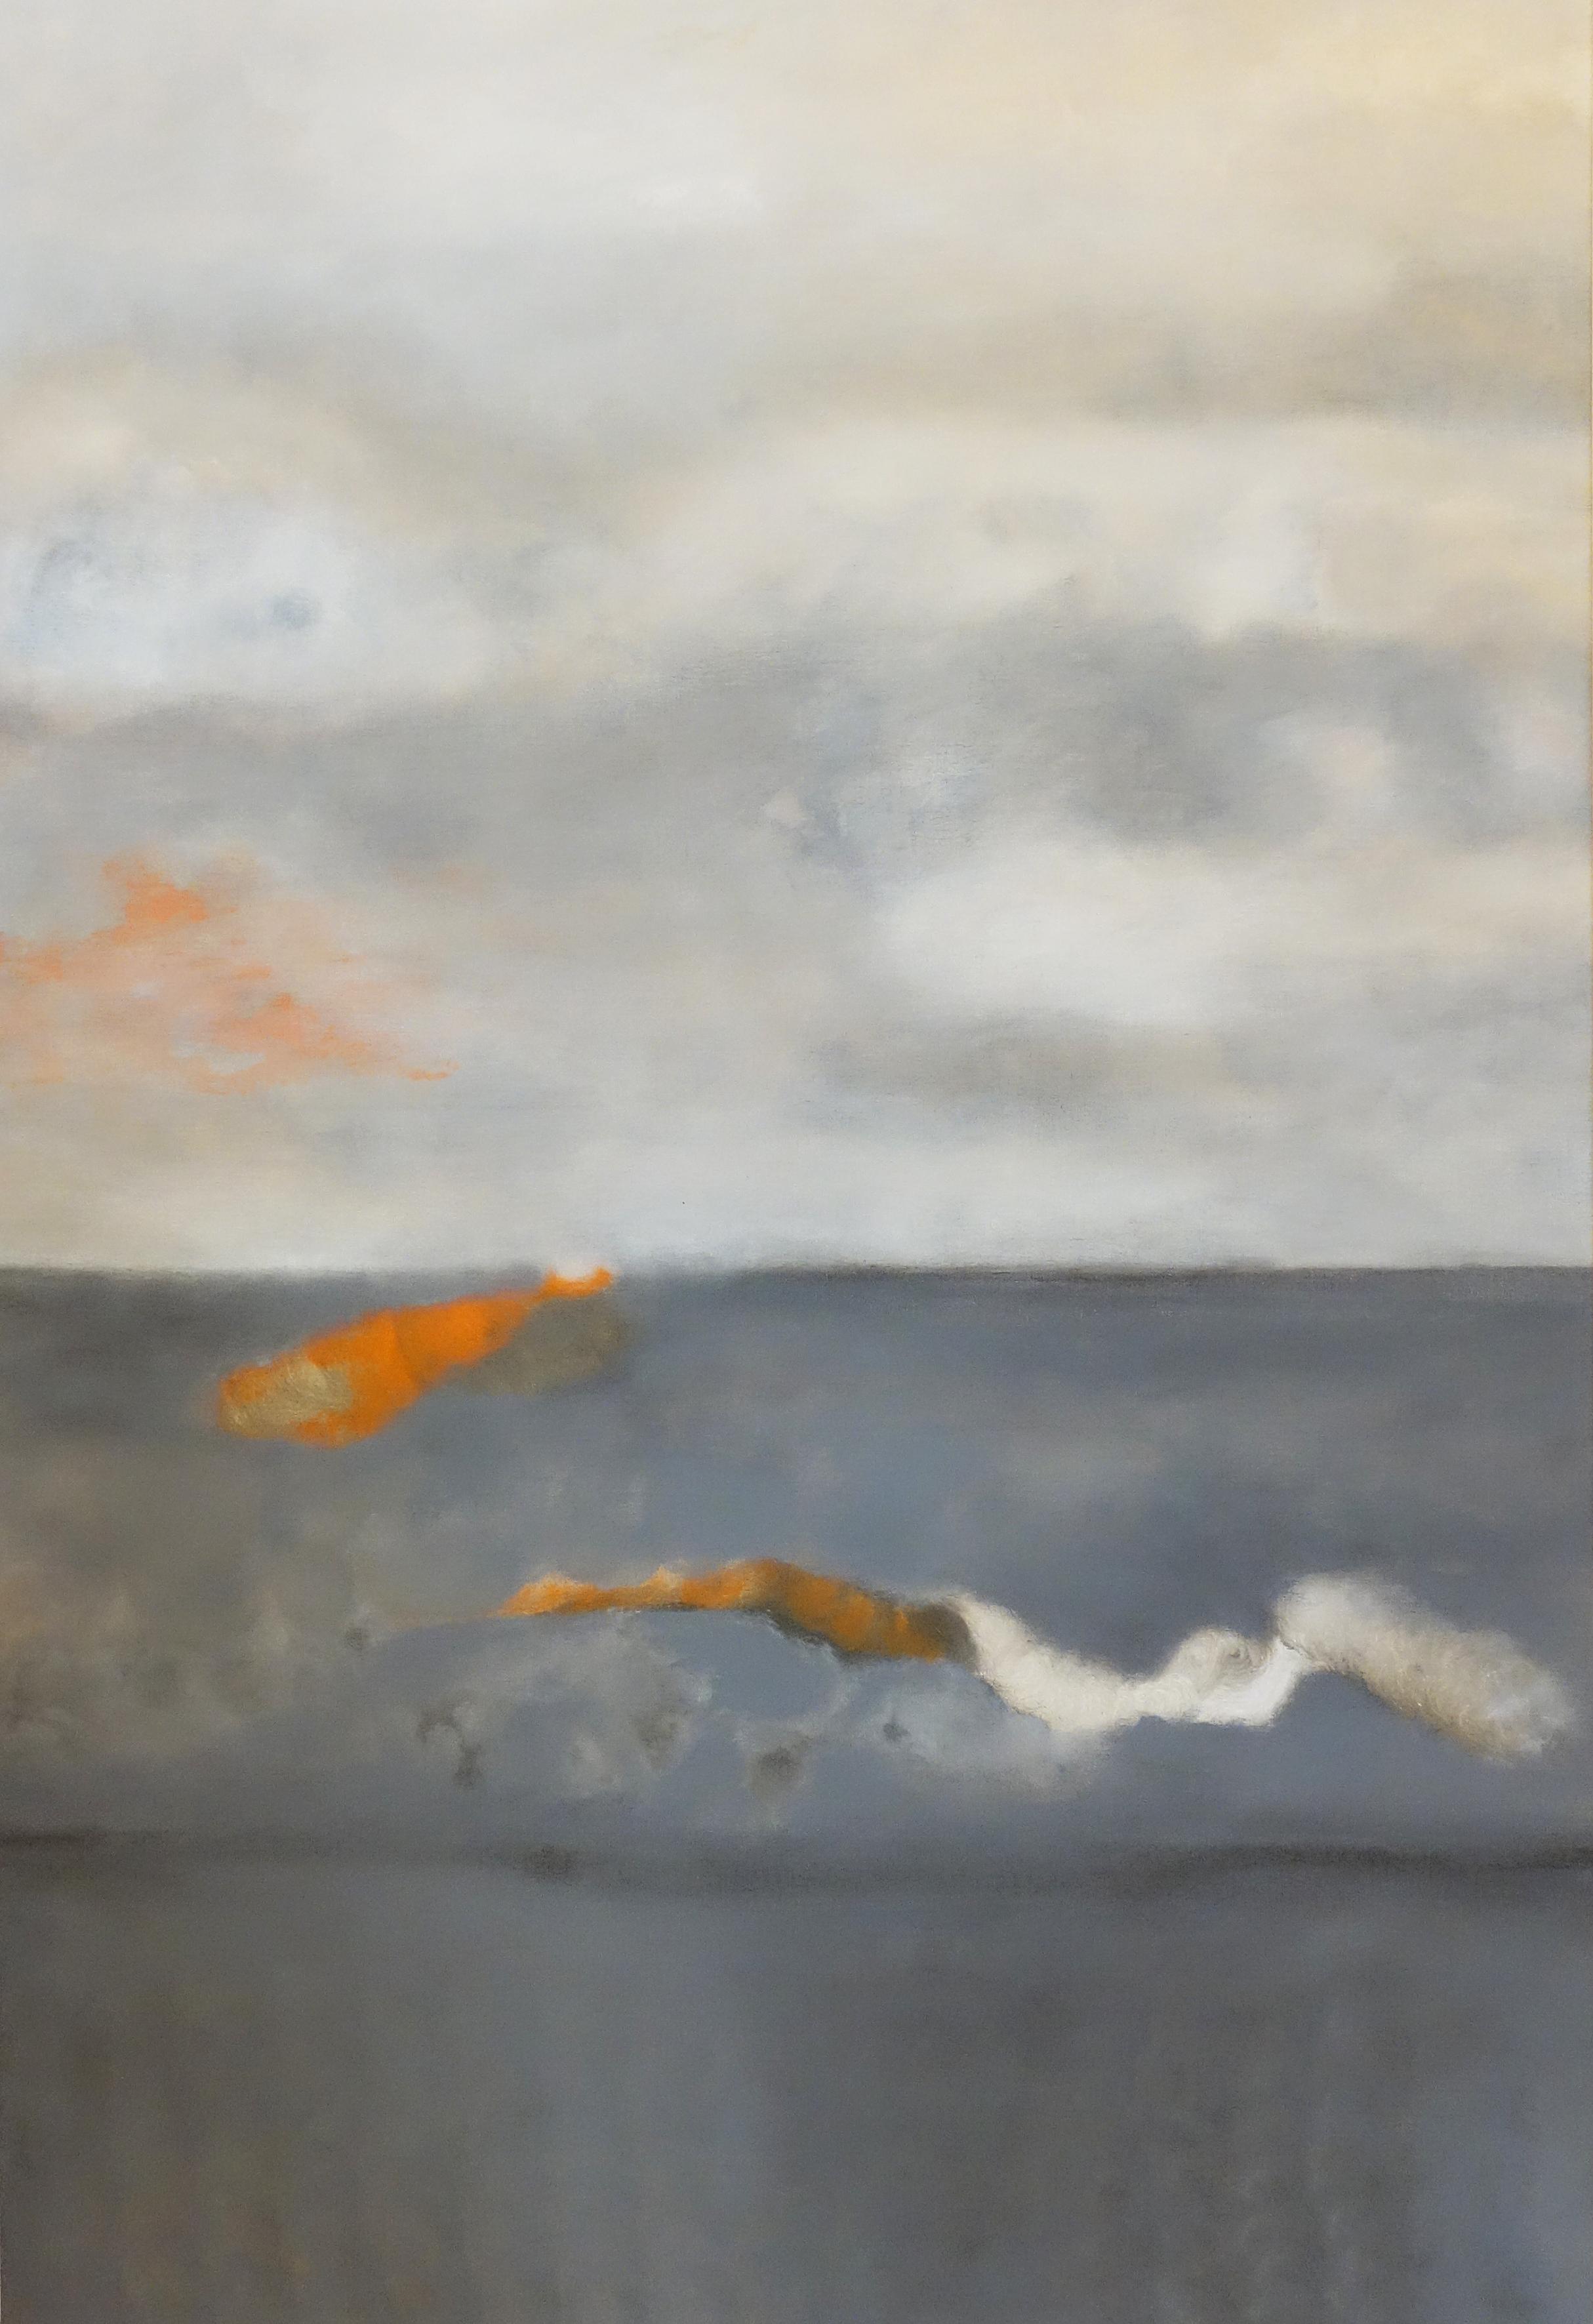 Sonam Dolma, Yishen 28, 2014, 94 x 138 cm